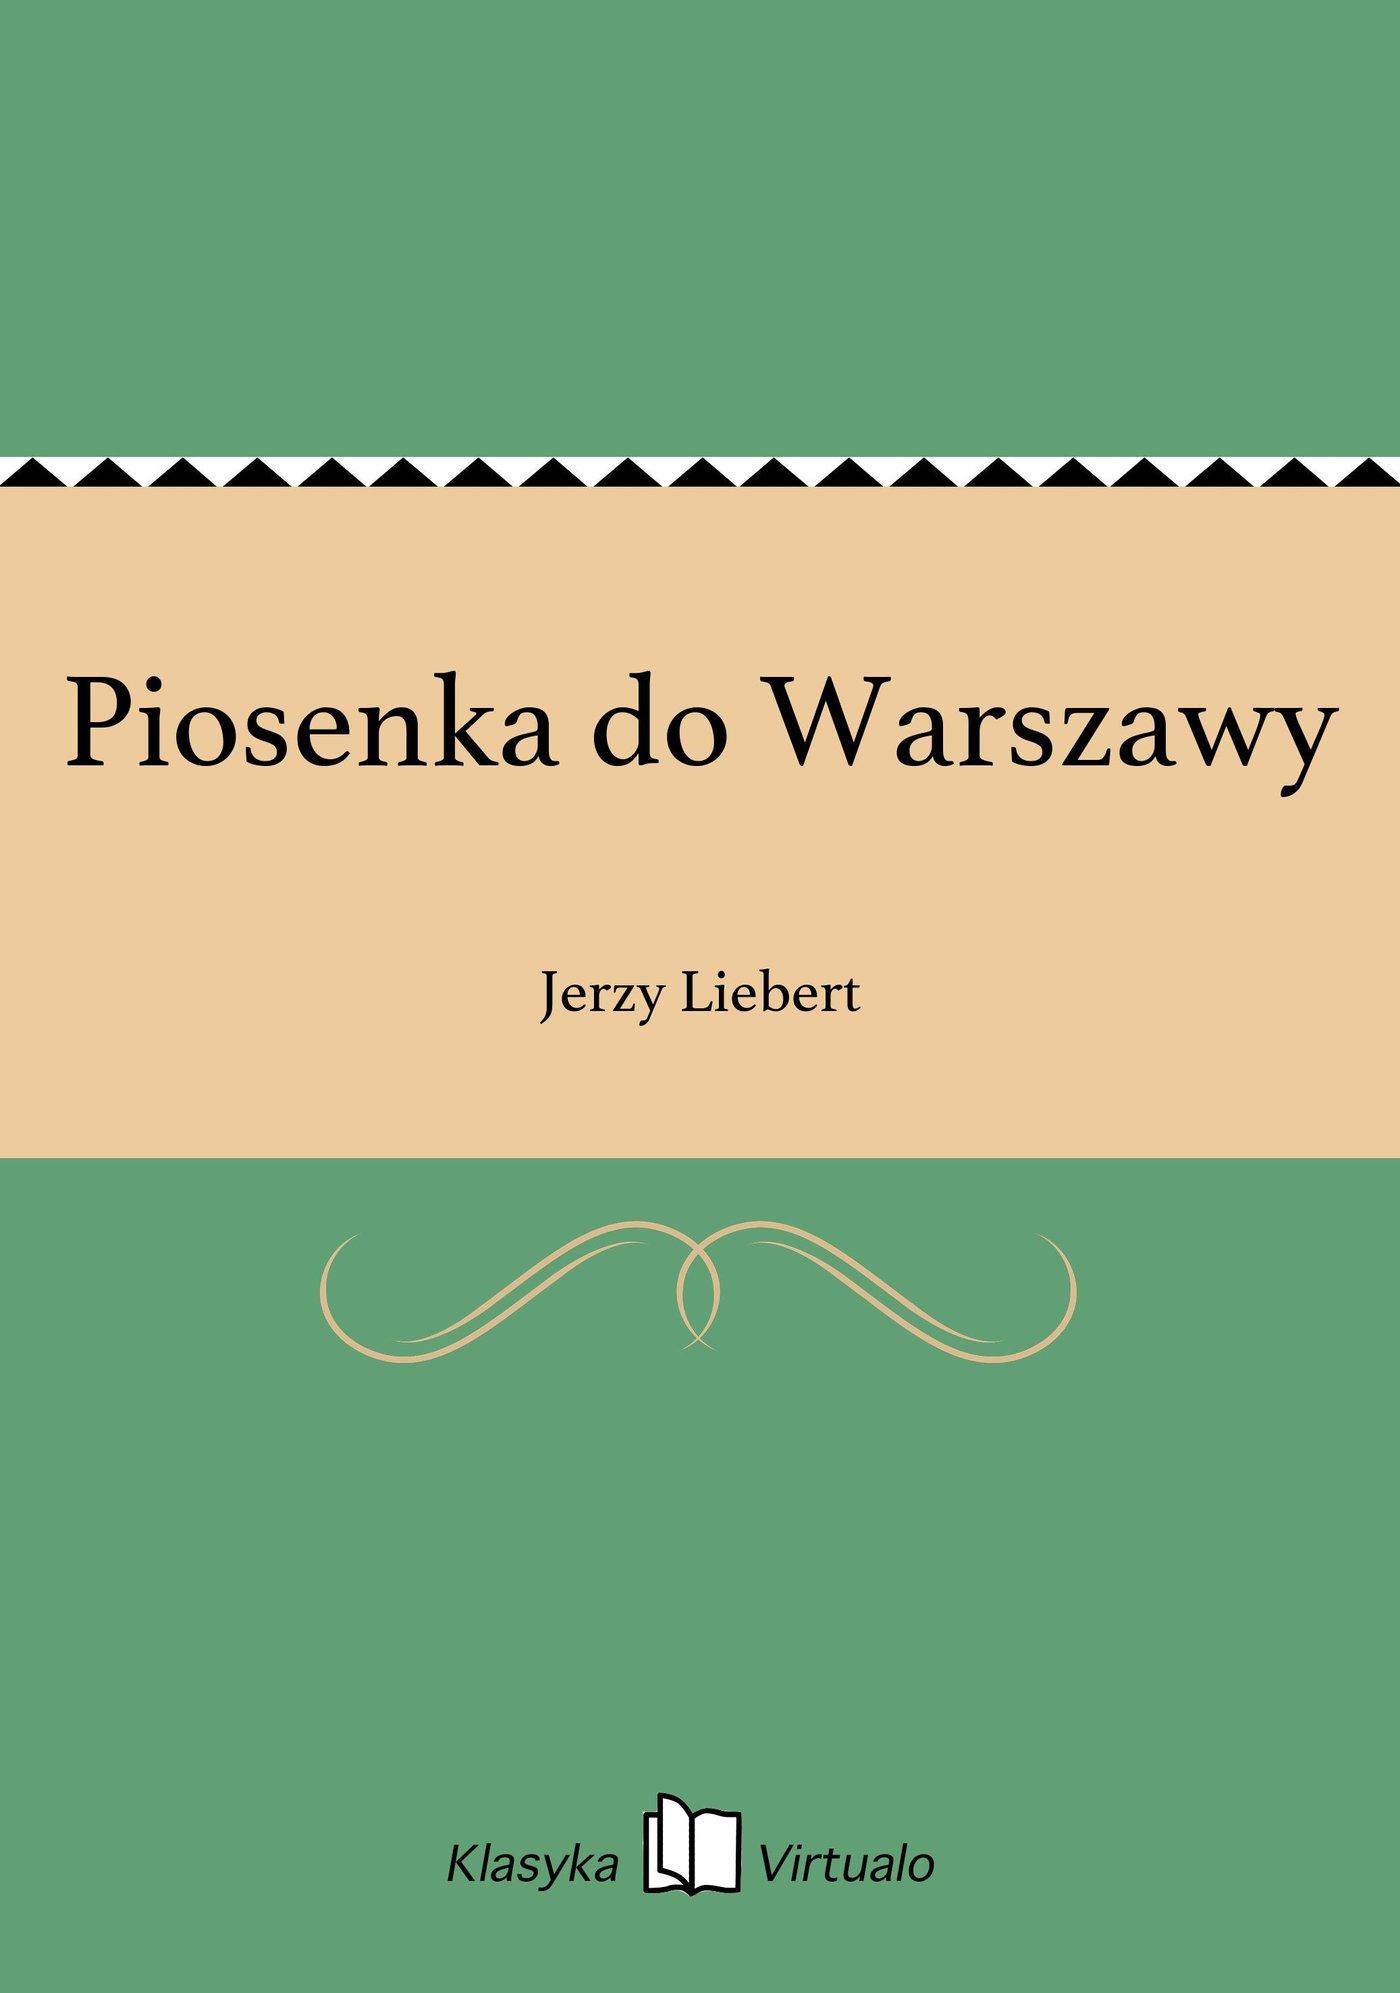 Piosenka do Warszawy - Ebook (Książka EPUB) do pobrania w formacie EPUB